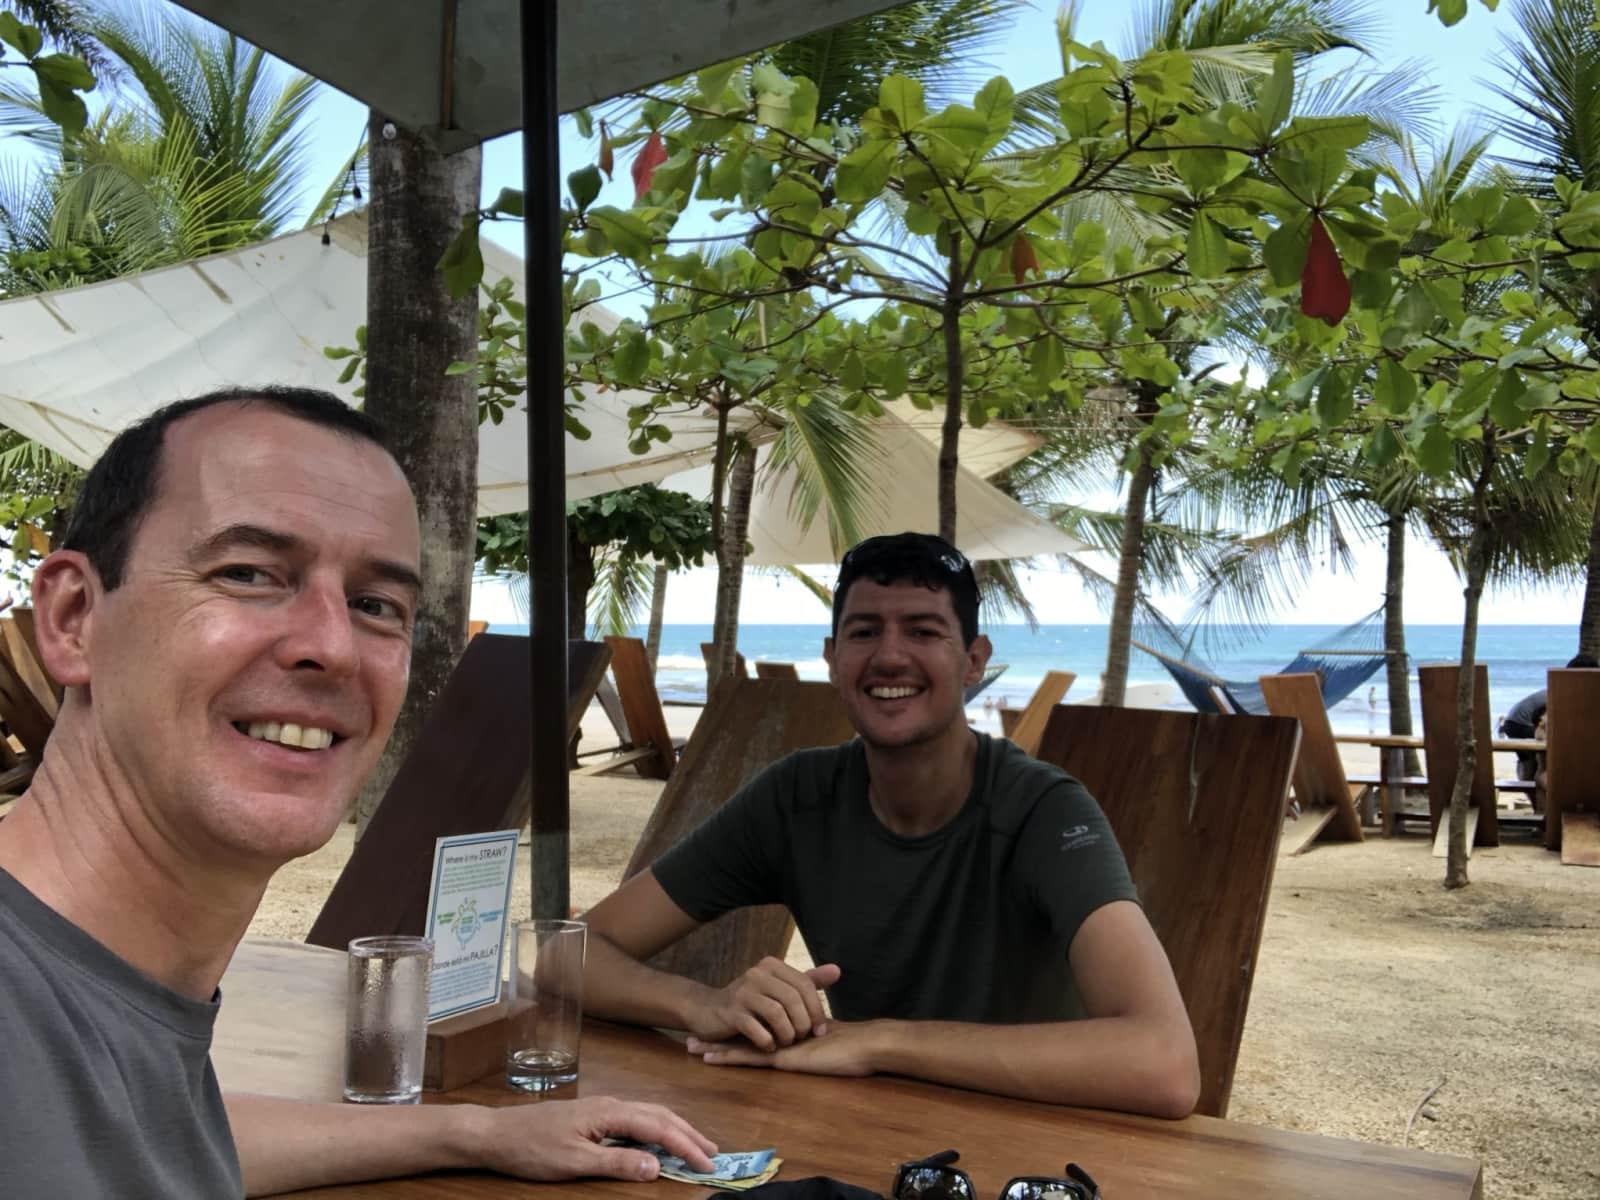 Steven & Darren from Sydney, New South Wales, Australia